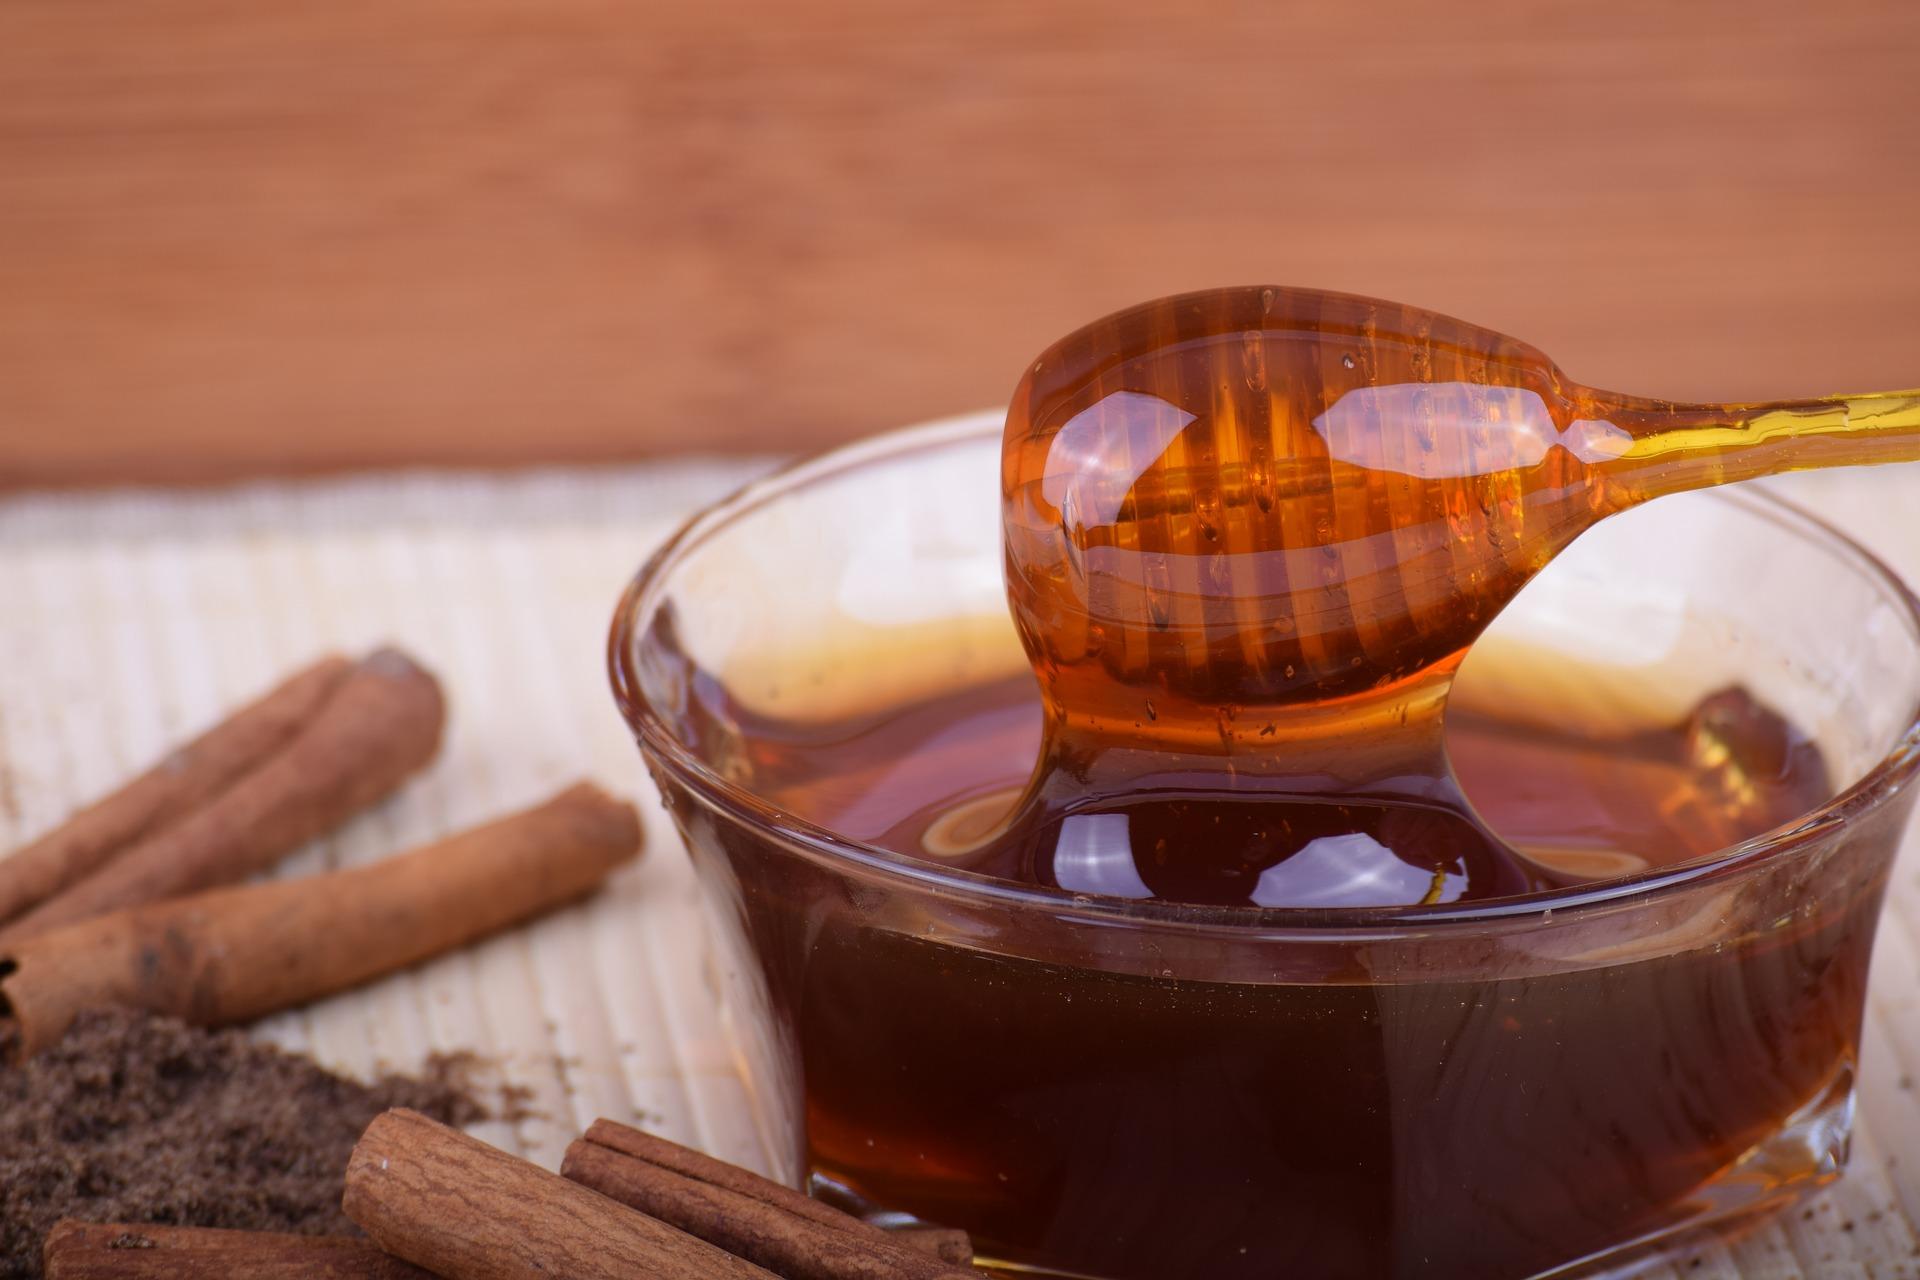 Cuillère dans un pot de miel transparent avec de la cannelle en bâtons et moulue